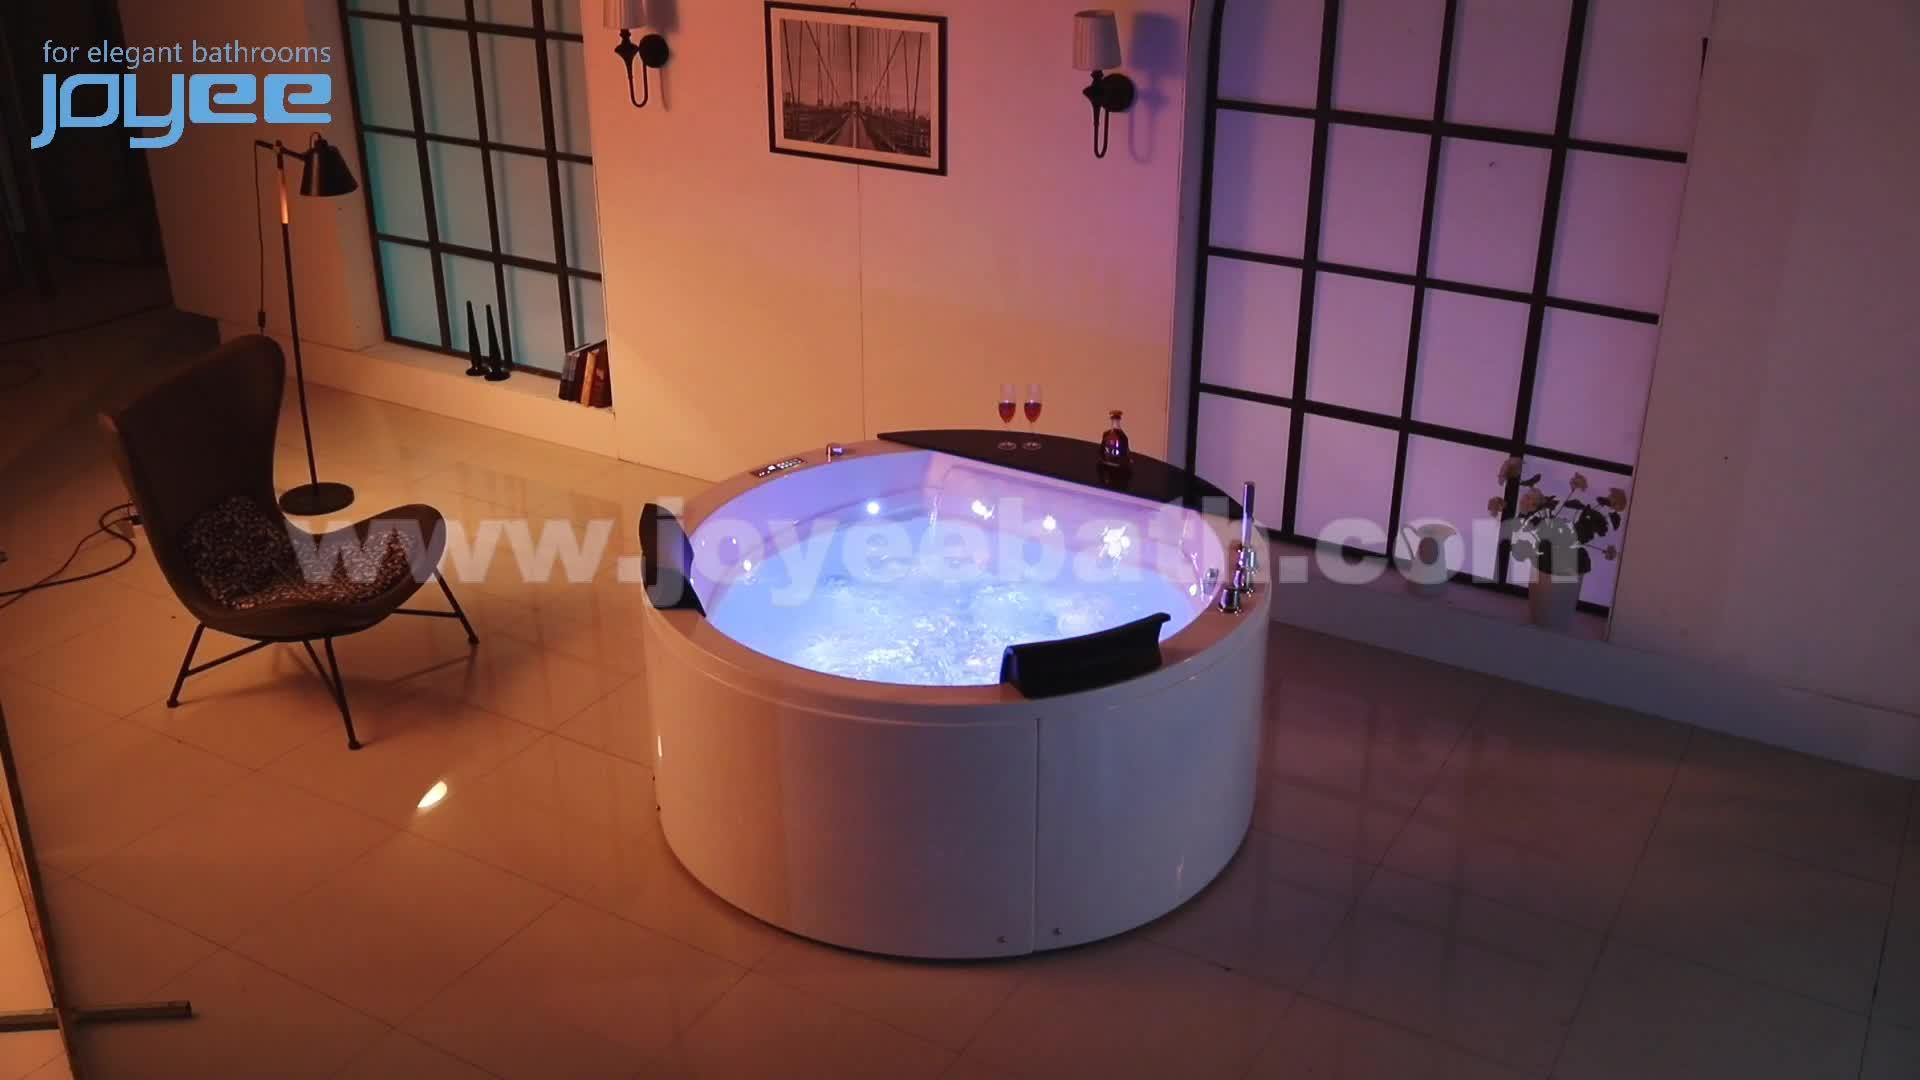 JOYEE pur acrylique luxe jacuzzi/spa/bain à remous jacuzzi baignoire apollo massage autoportant trempage baignoire avec jet à bulles d'air